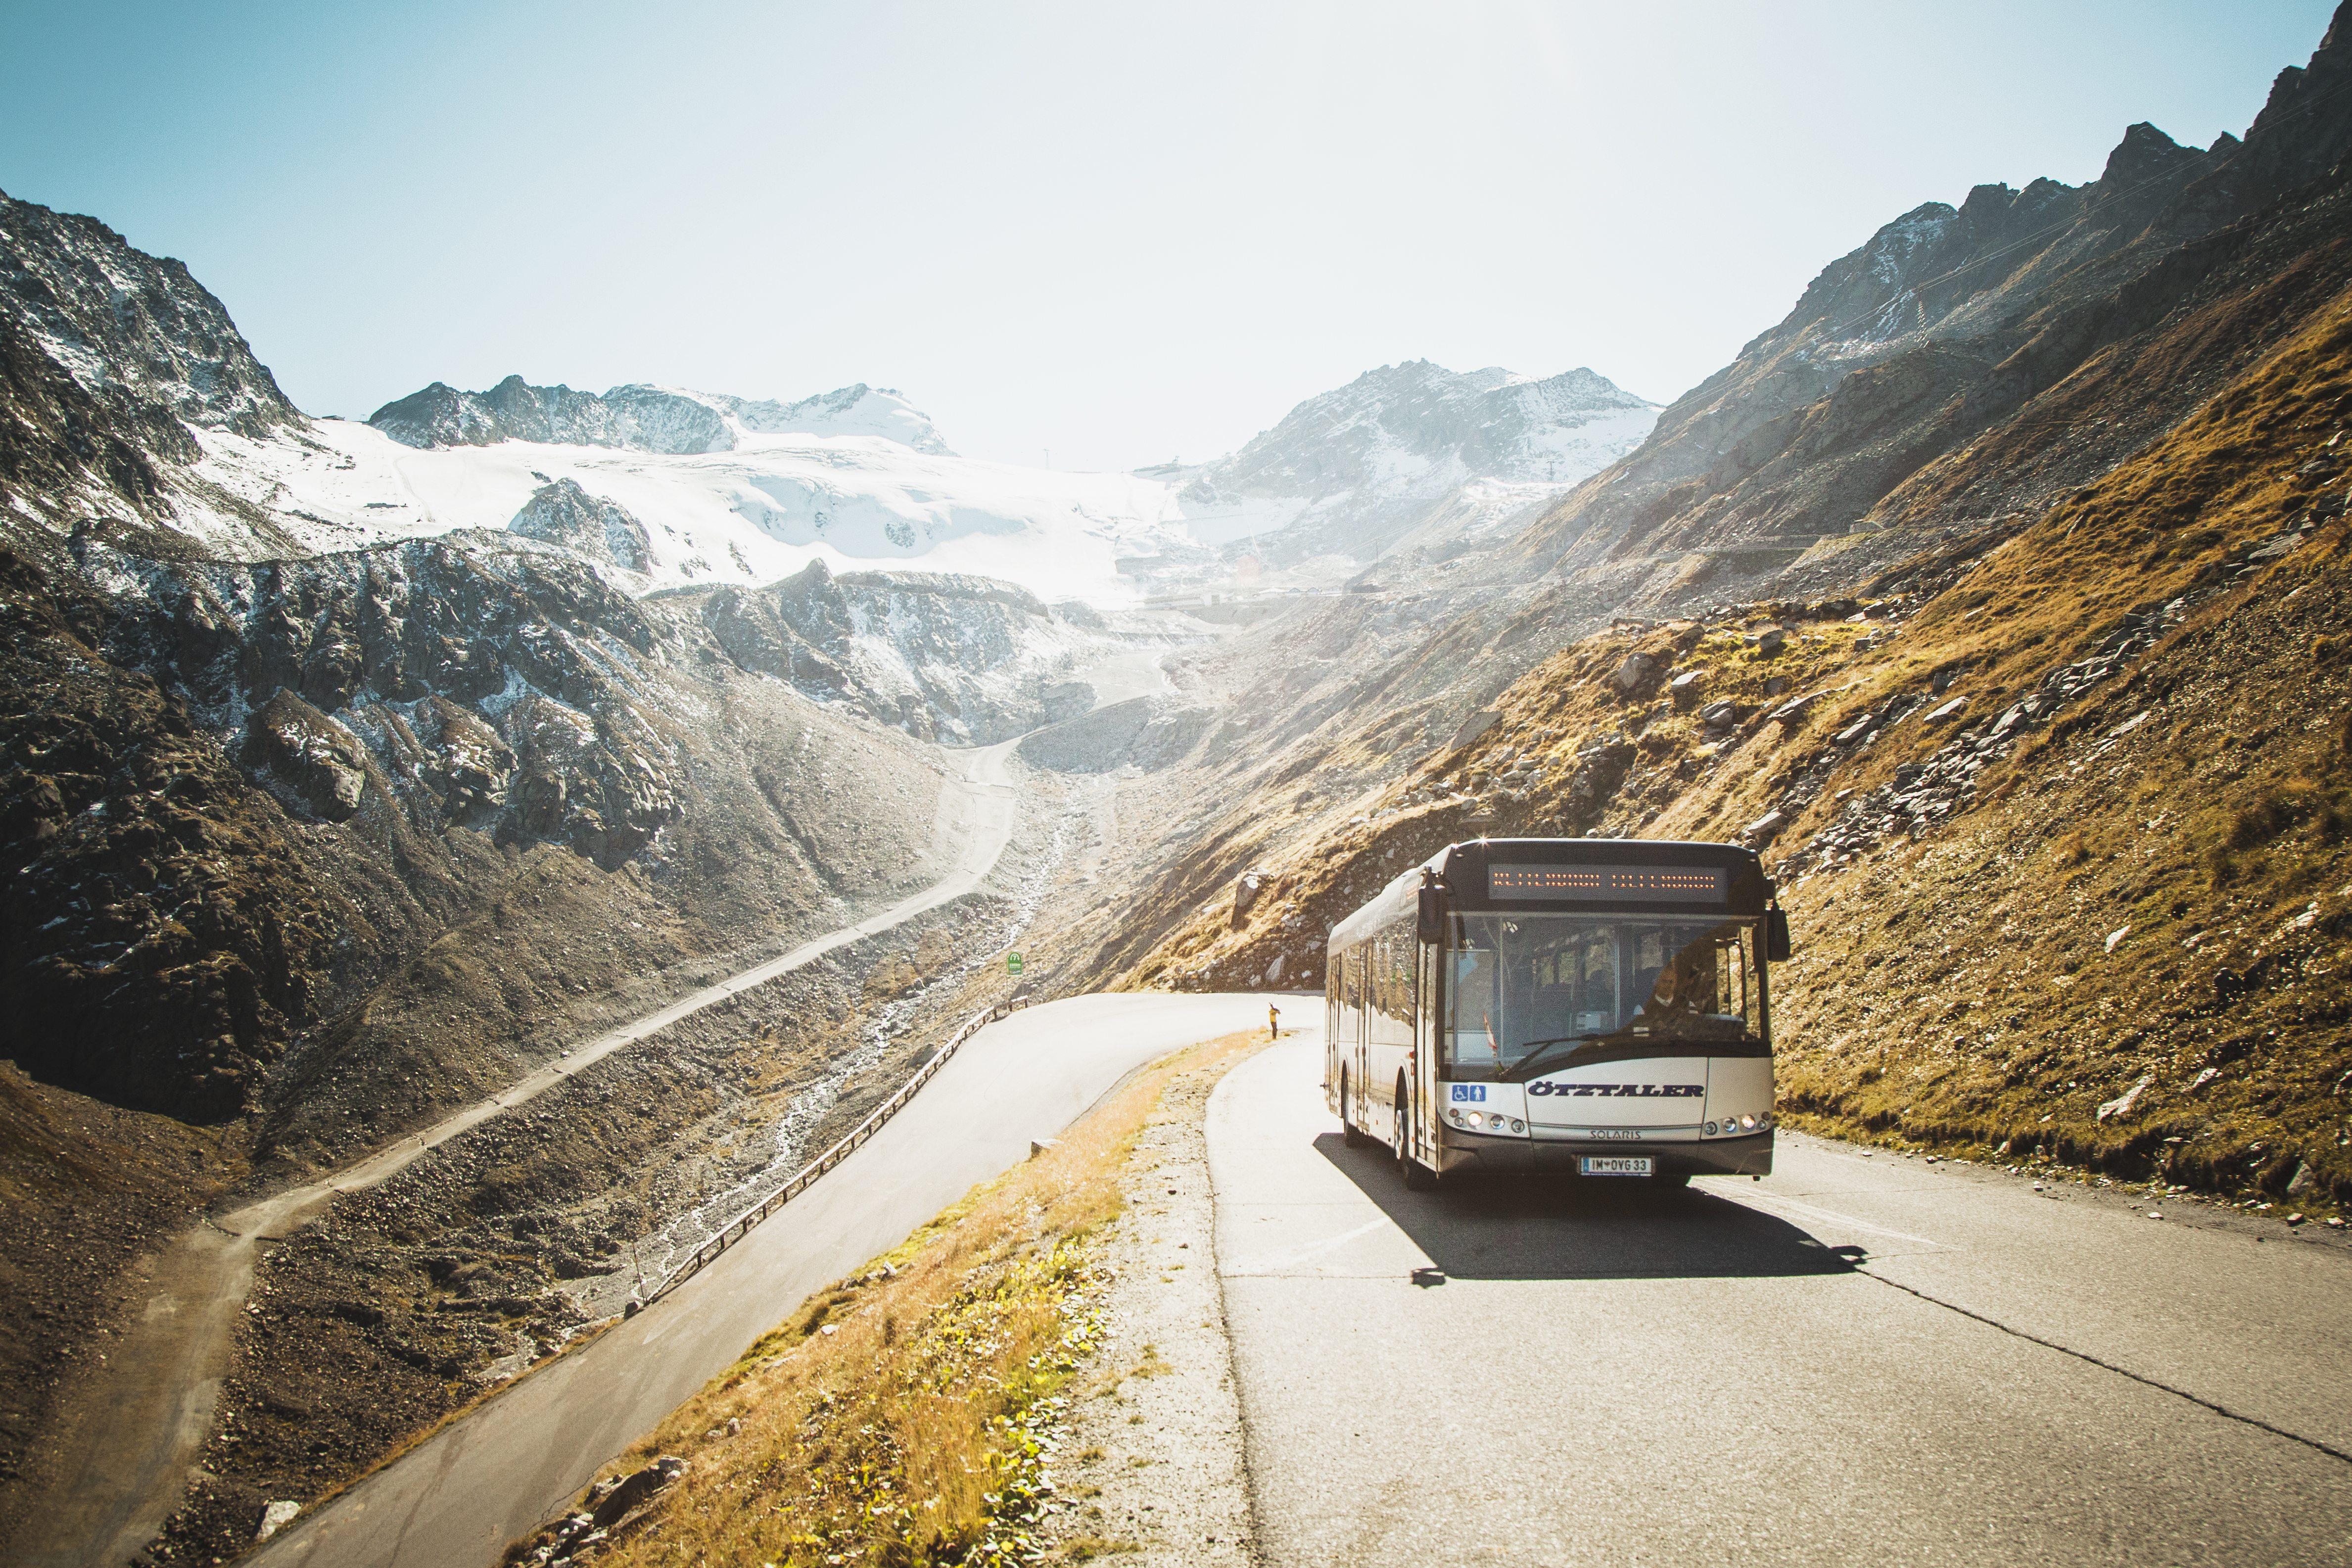 oetzt_bus_02_12